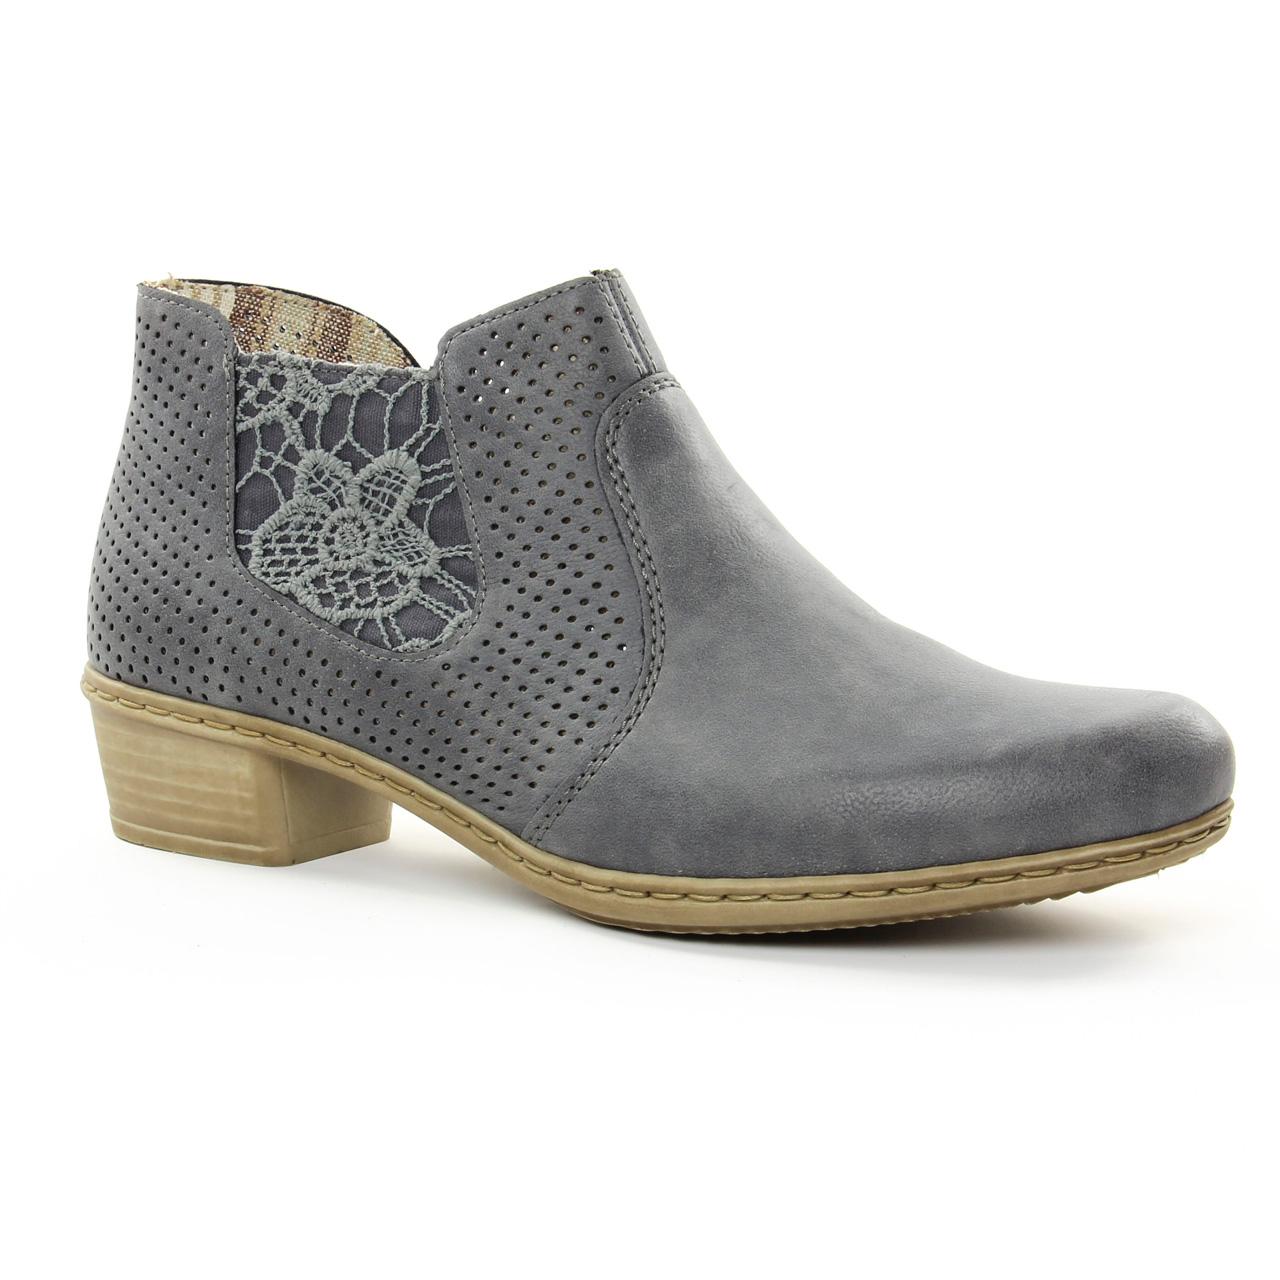 4e1328b695852f Rieker M0757 Jeans | low boots bleu gris printemps été chez TROIS PAR 3